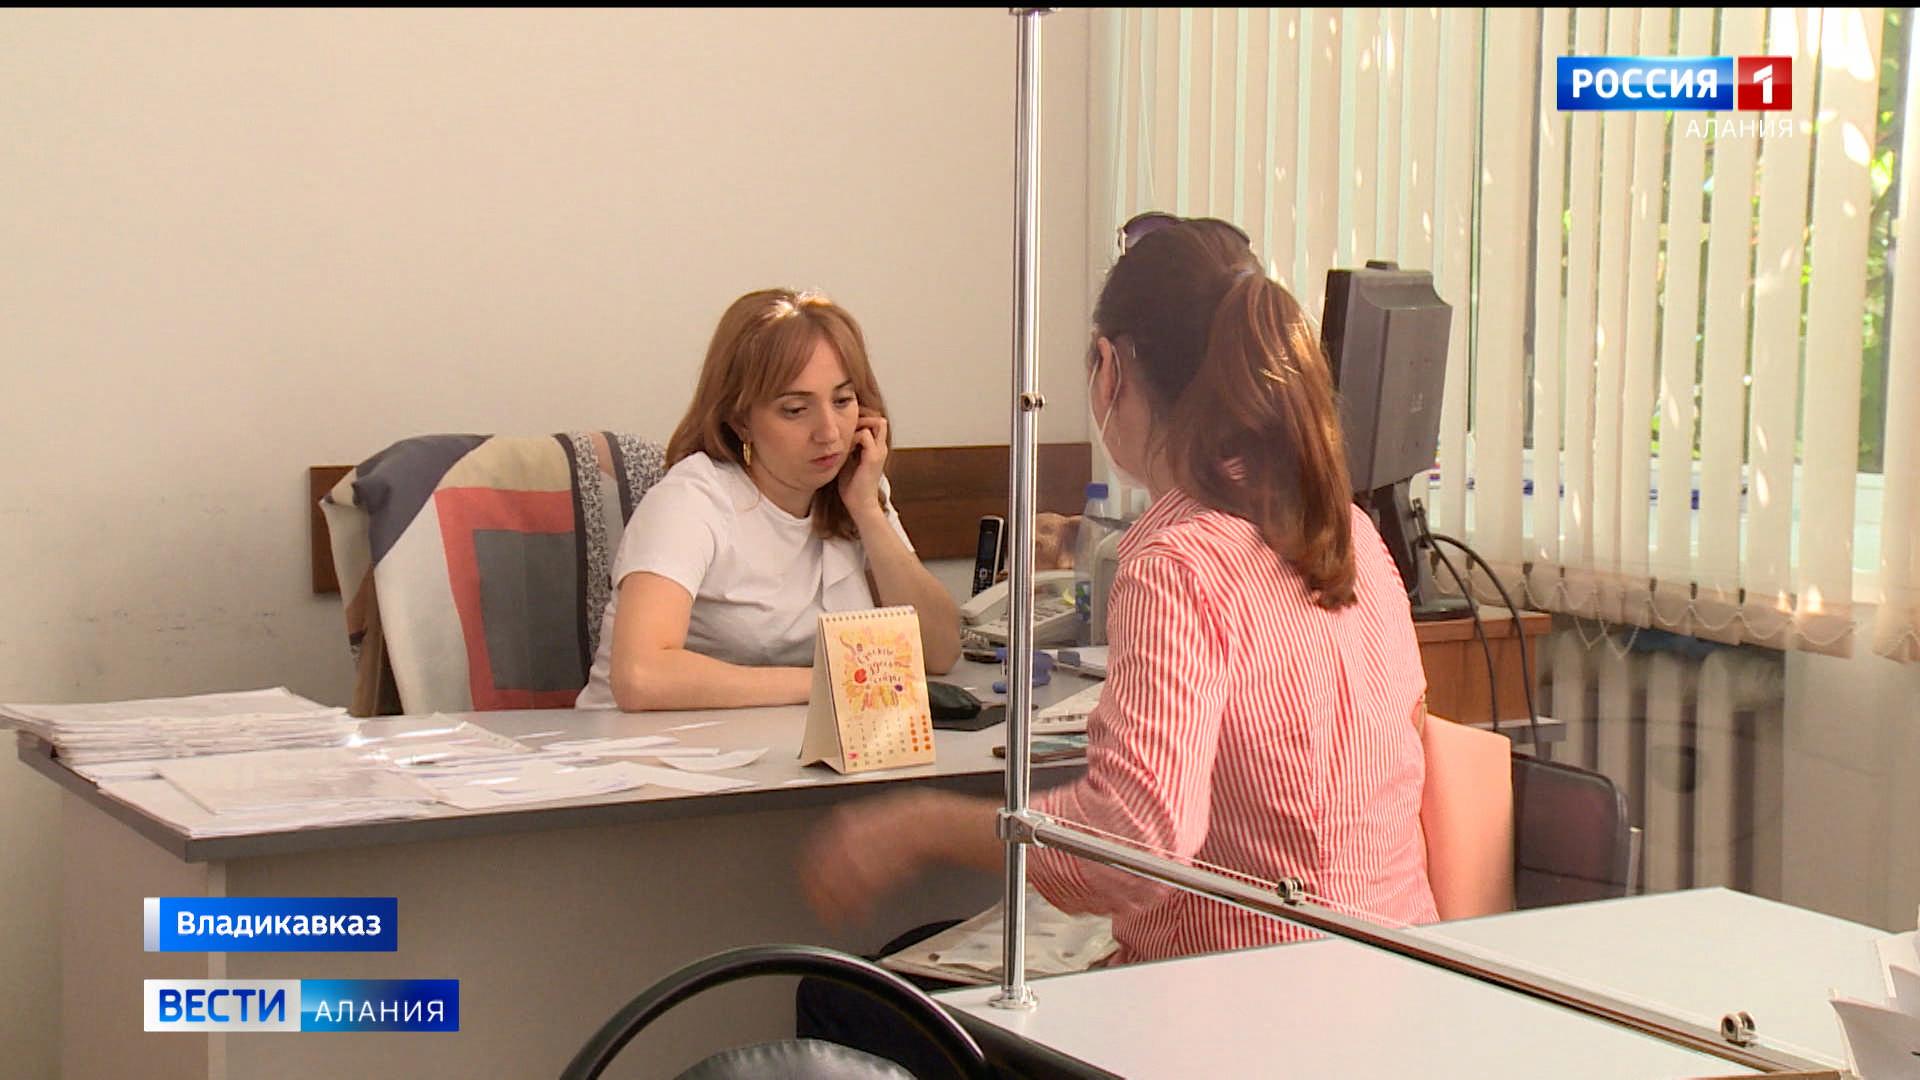 С 21 августа возникли перебои с финансированием — Альбина Плаева